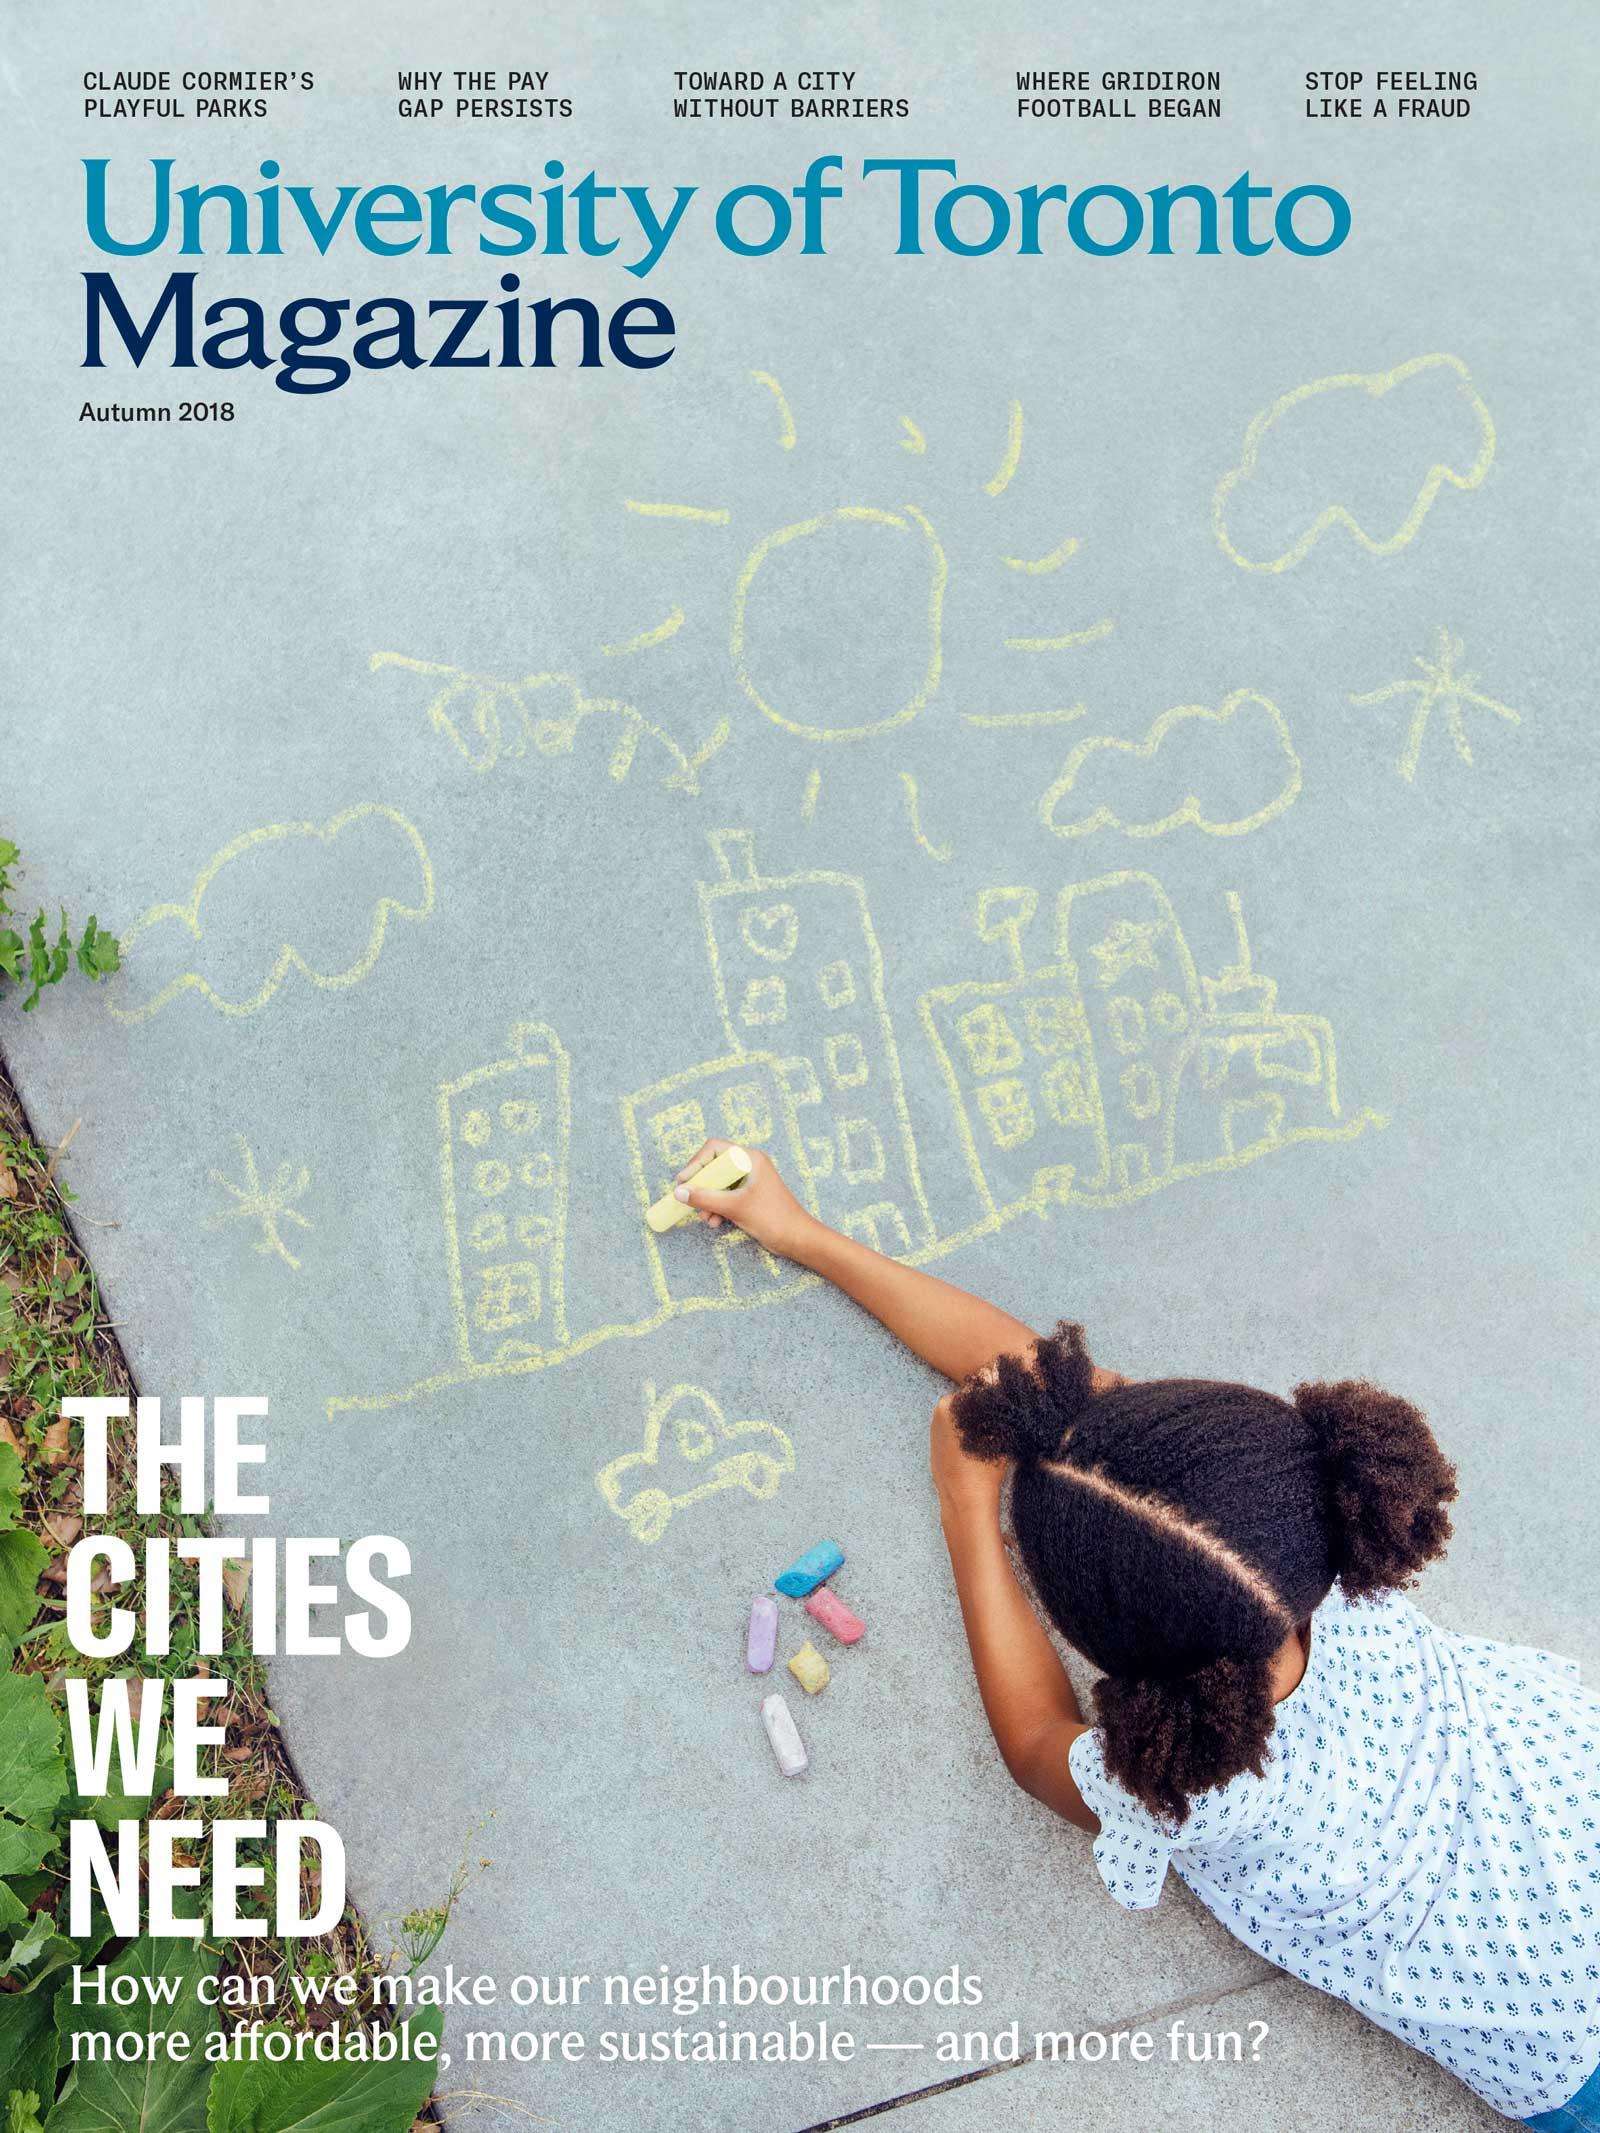 Girl draws a city with sidewalk chalk